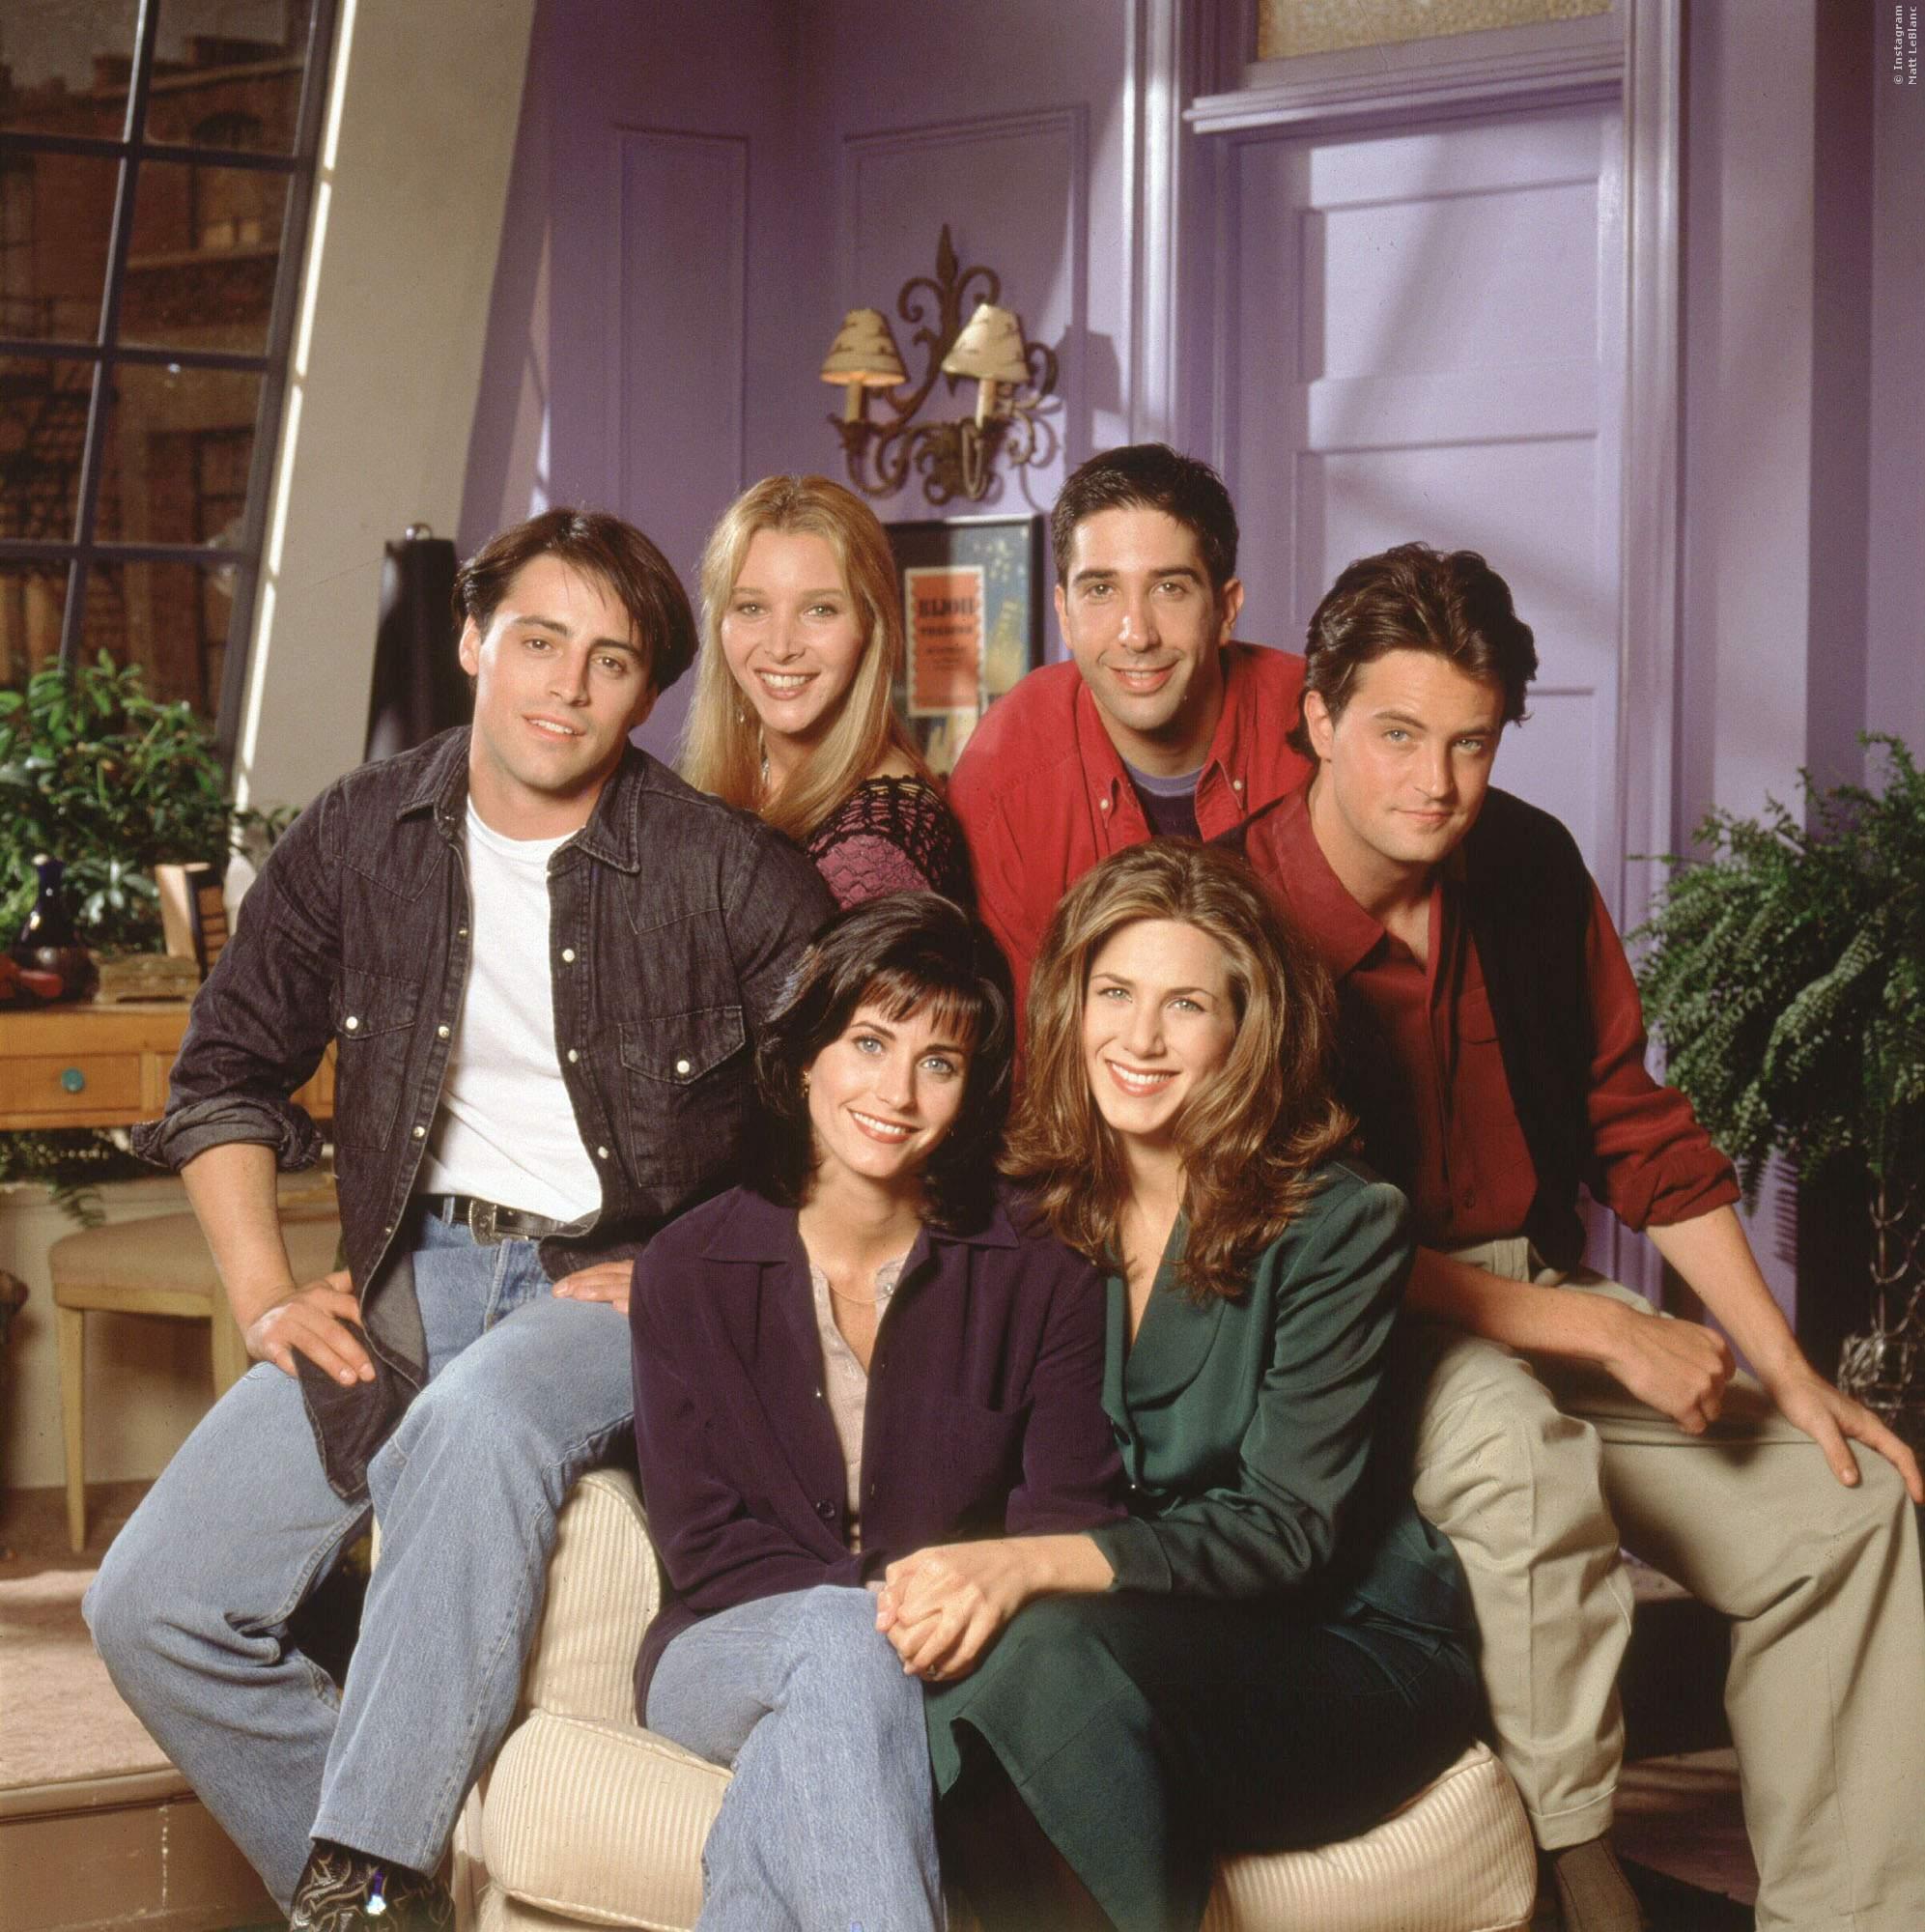 1994: FRIENDS, sechs Freunde leben zusammen in News York und machen alle neidisch. Die ganze Welt wollte mit Monica, Ross, Phoebe, Joey, Rachel und Chandler befreundet sein.